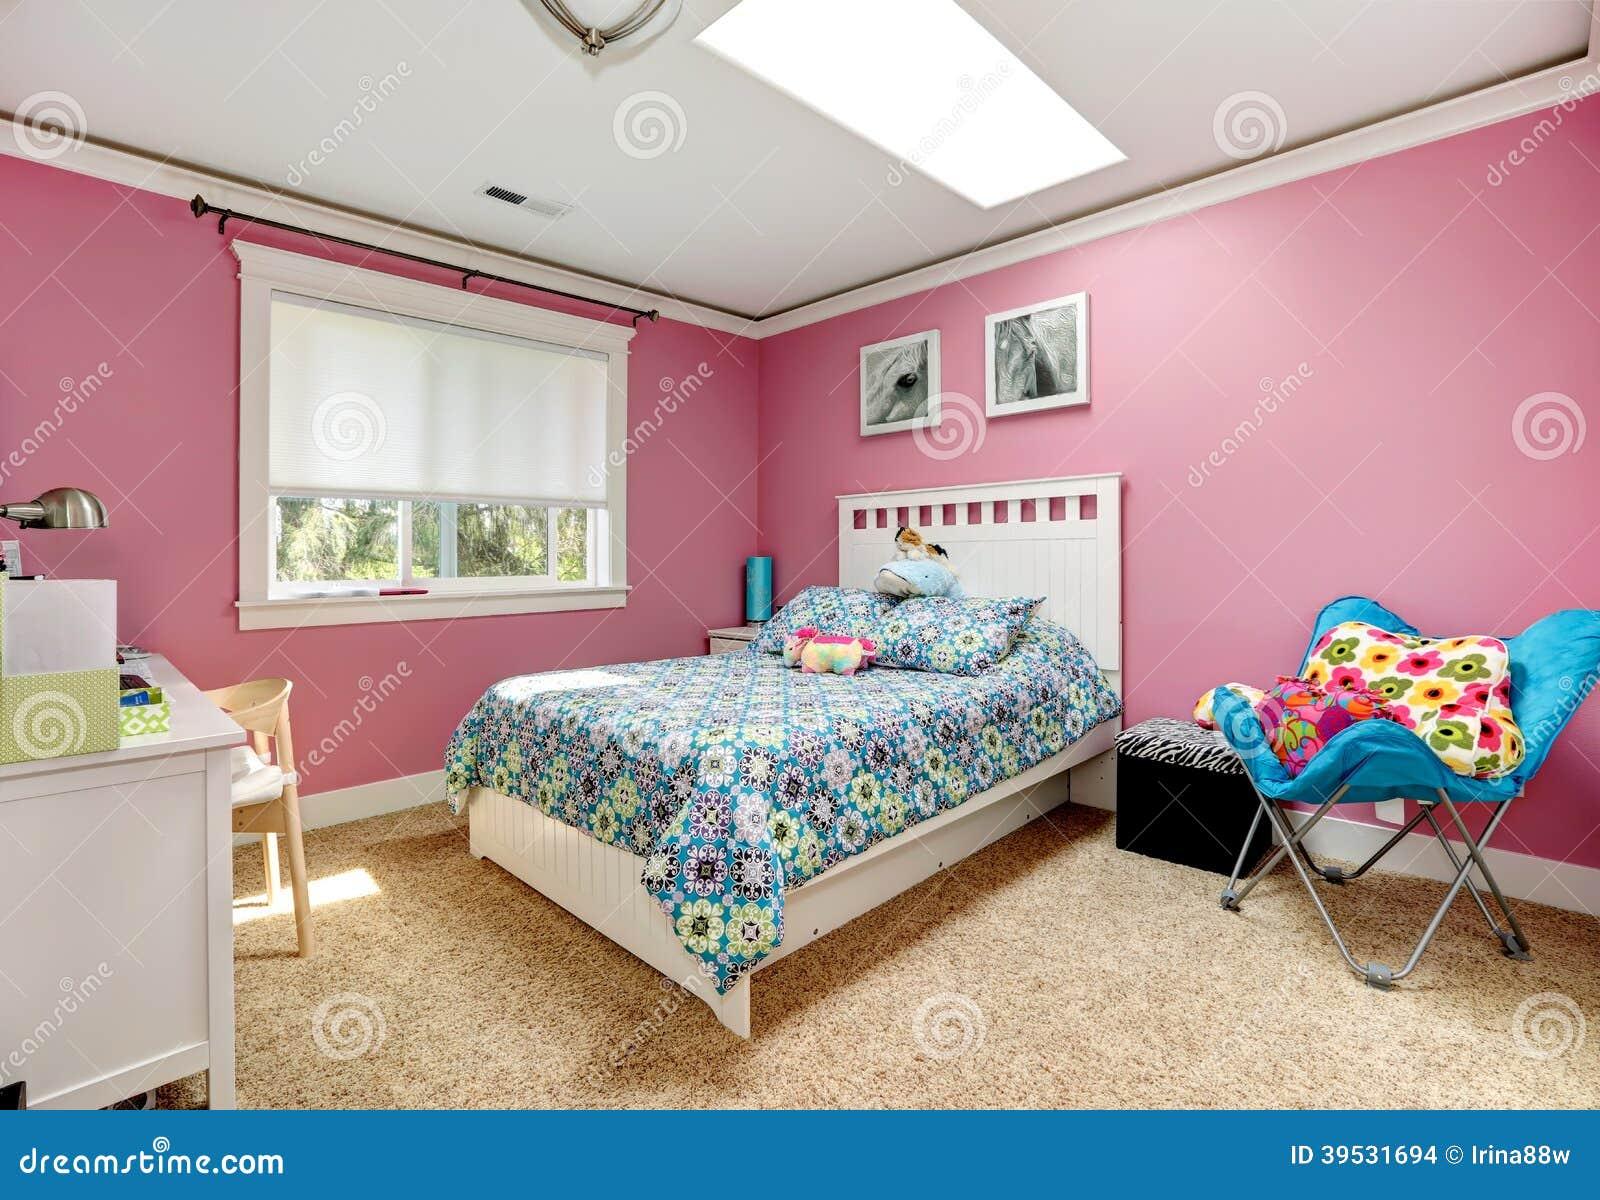 Piekna Rozowa Sypialnia Dla Dziewczyn Zdjecie Stock